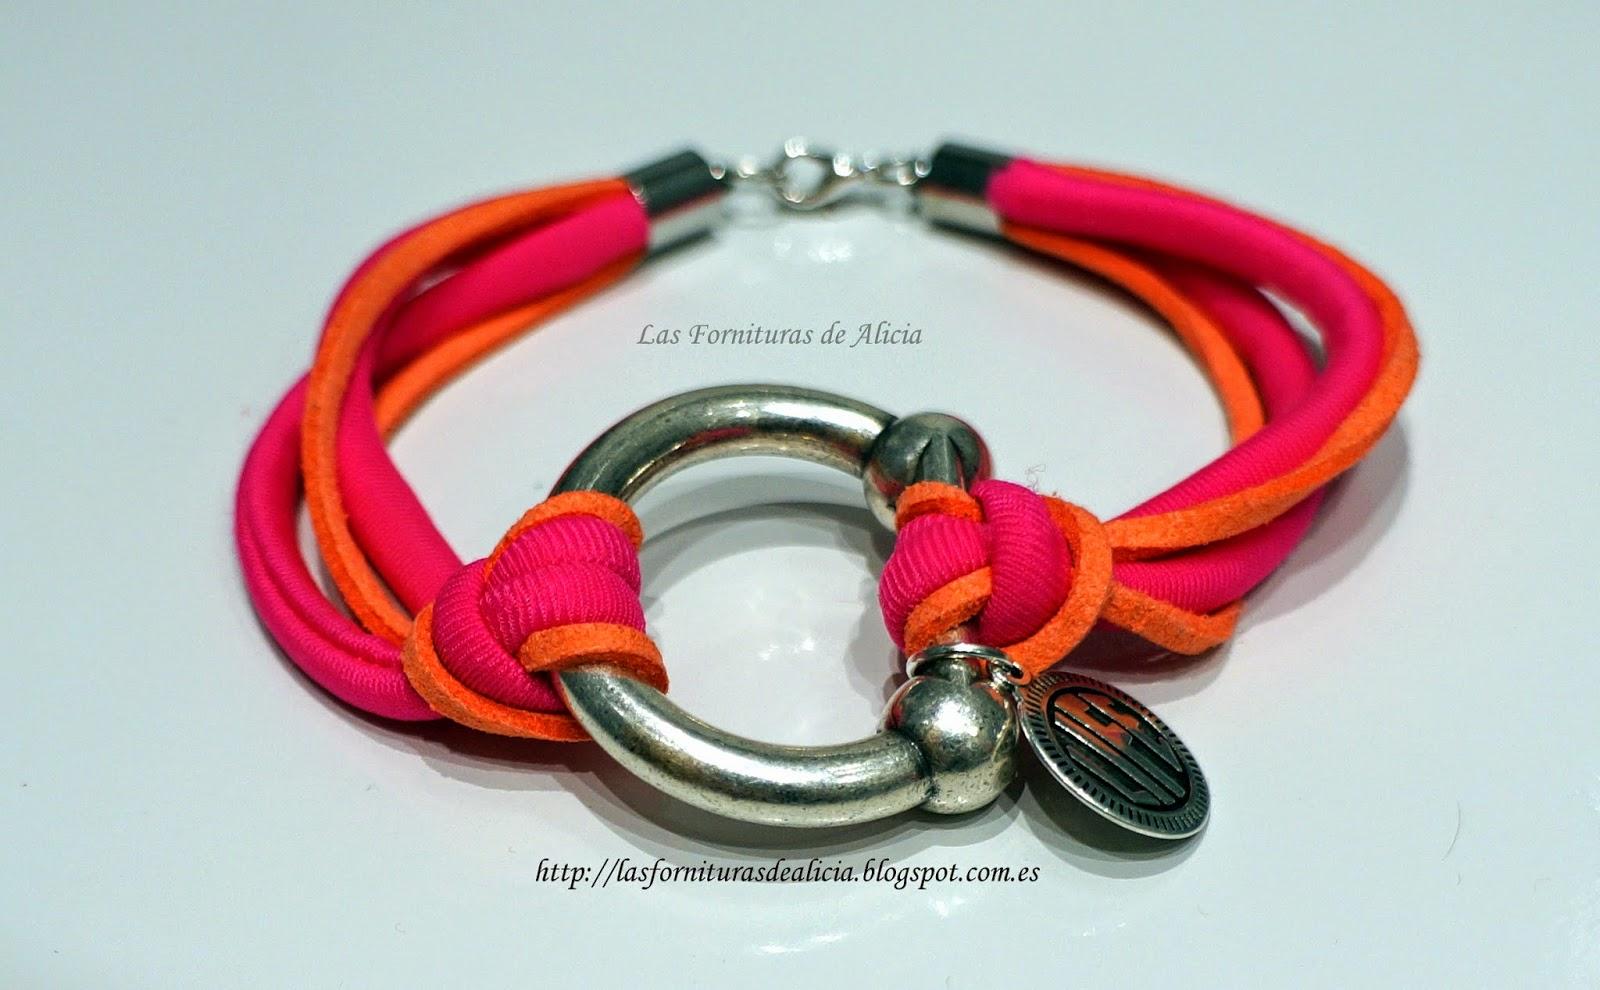 870e046489fc DESCRIPCIÓN  Pulsera hecha con cinta de lycra rosa y antelina anudados a  una pieza central plateada de zamak( ) con forma de estribo y colgante